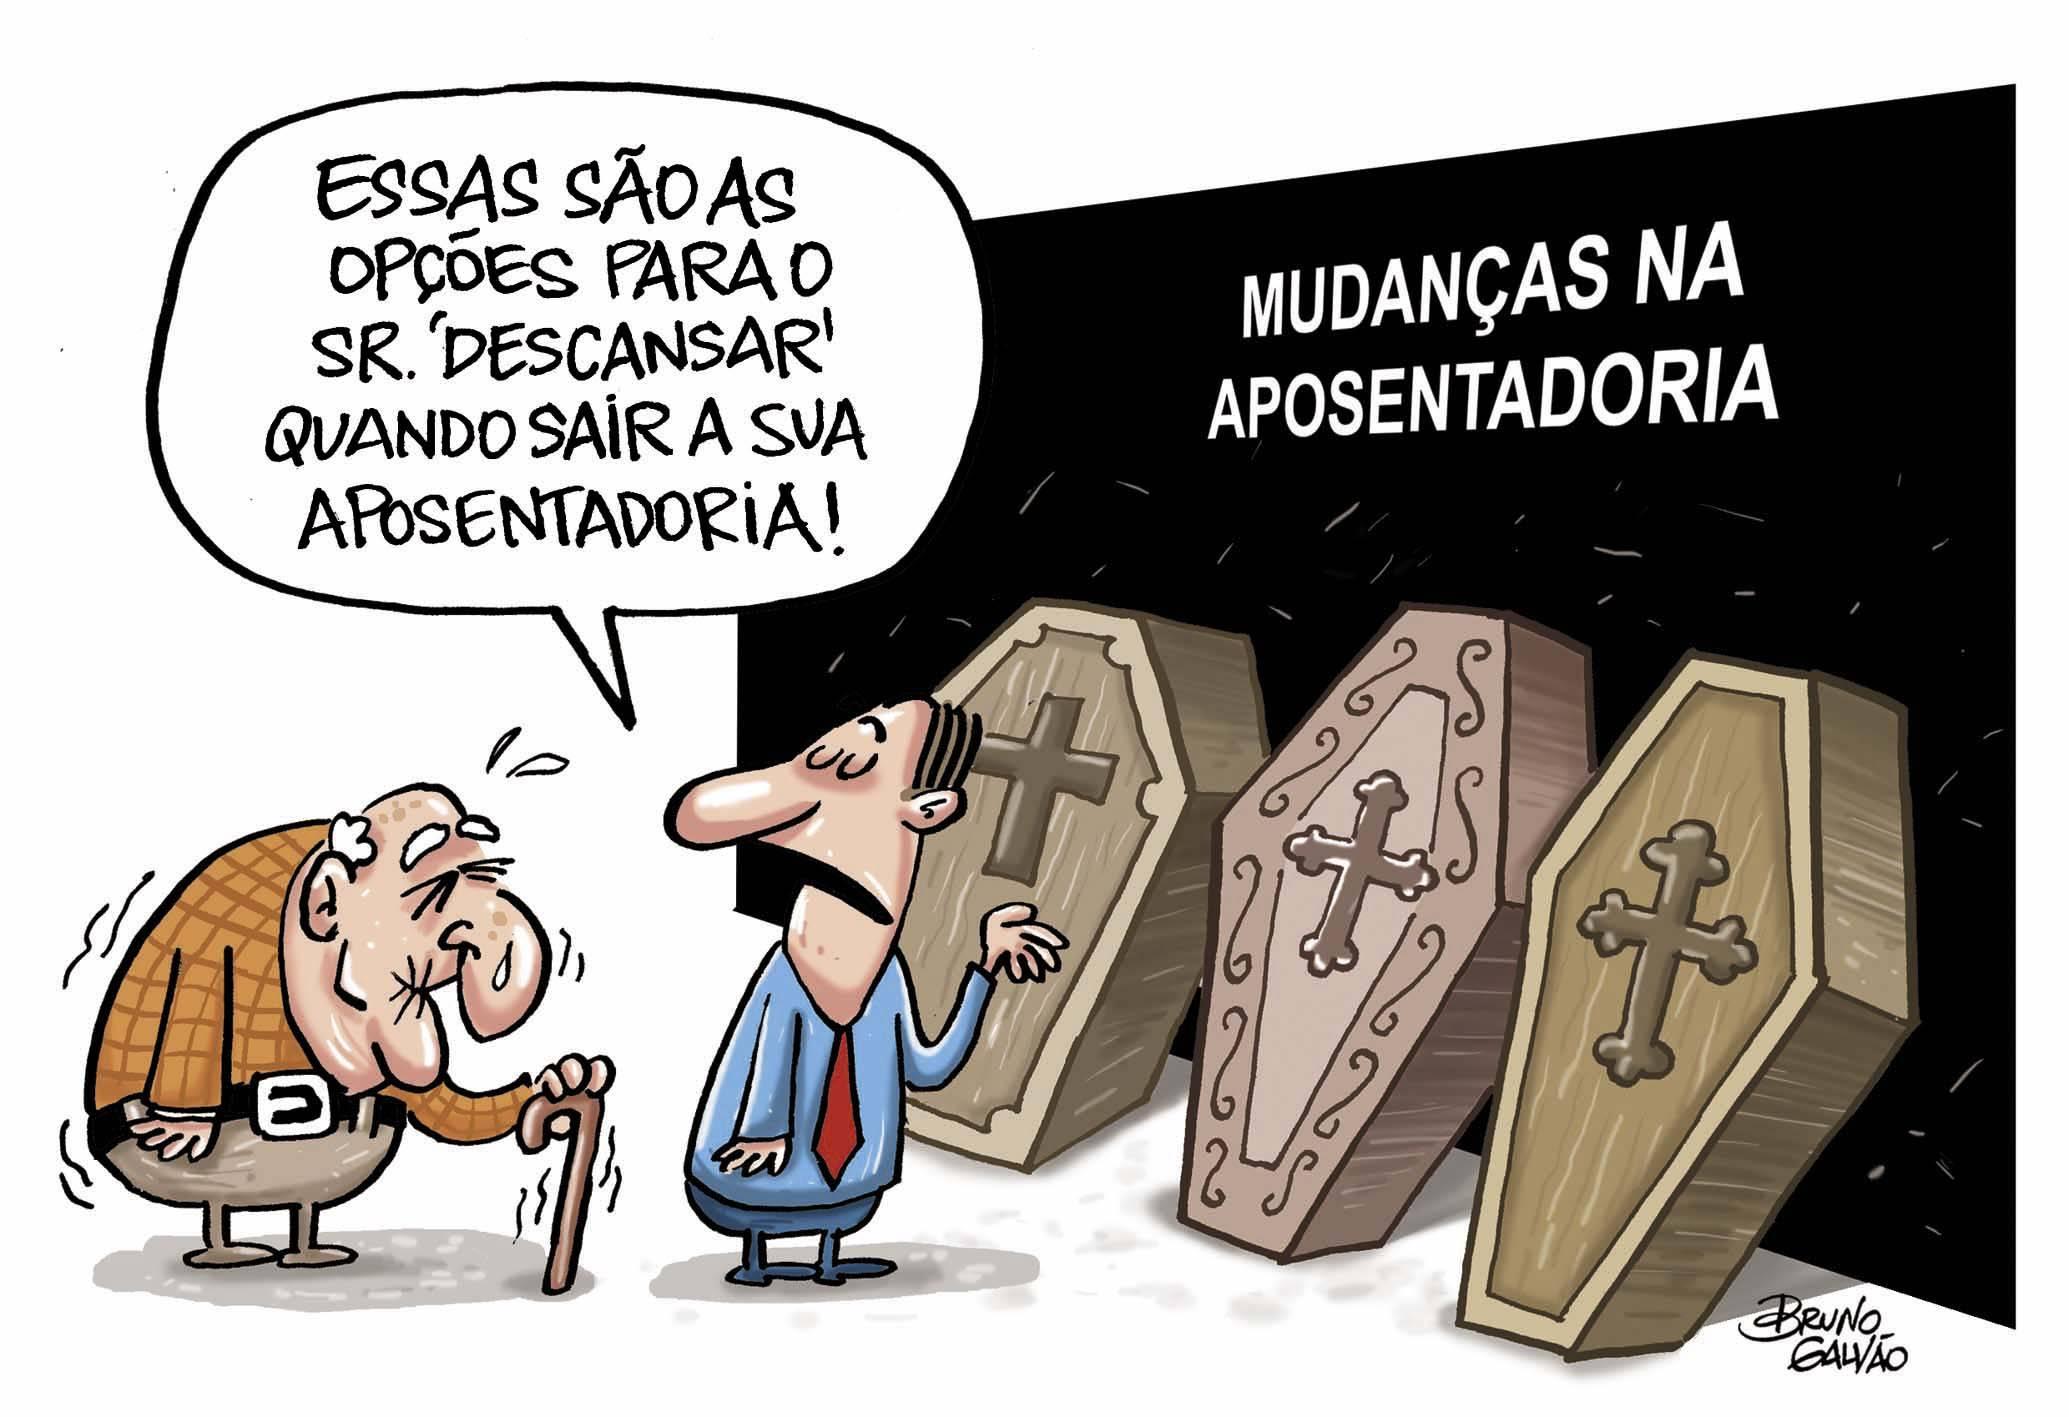 Charge APOSENTADORIA